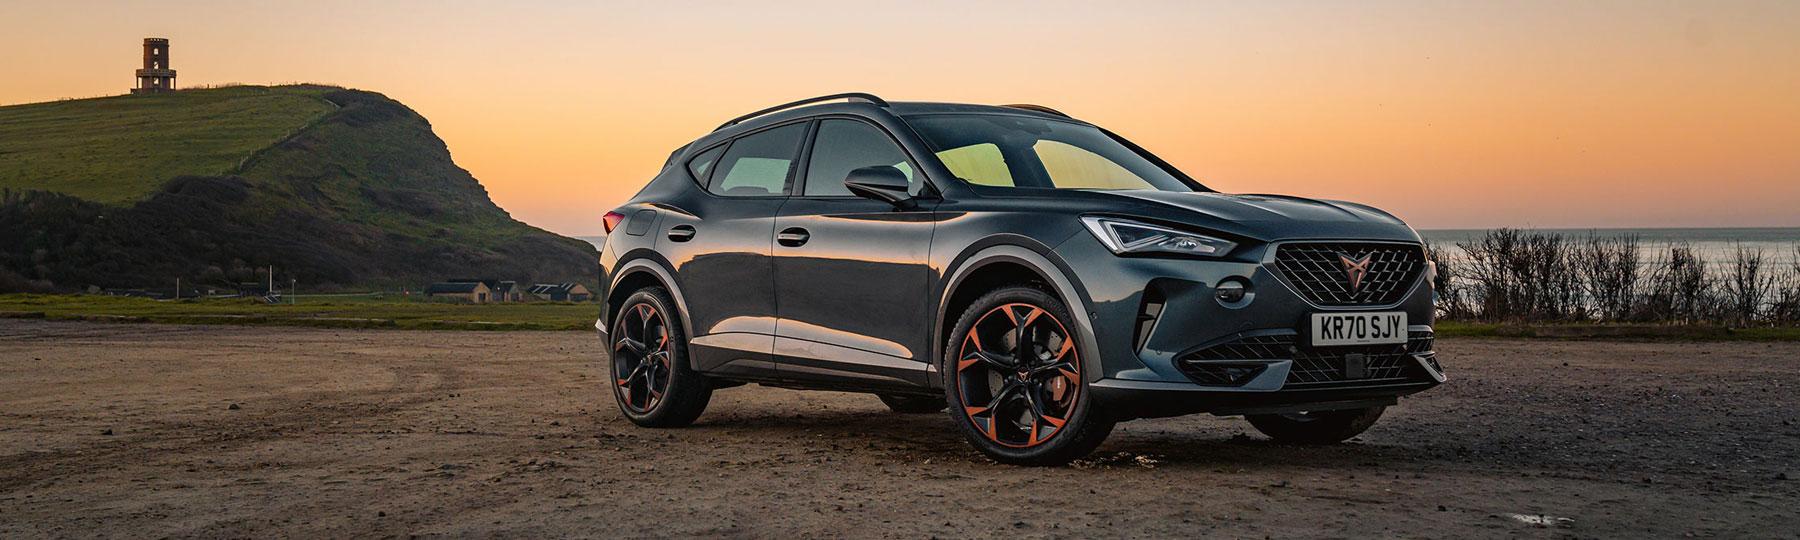 CUPRA Formentor New Car Offer